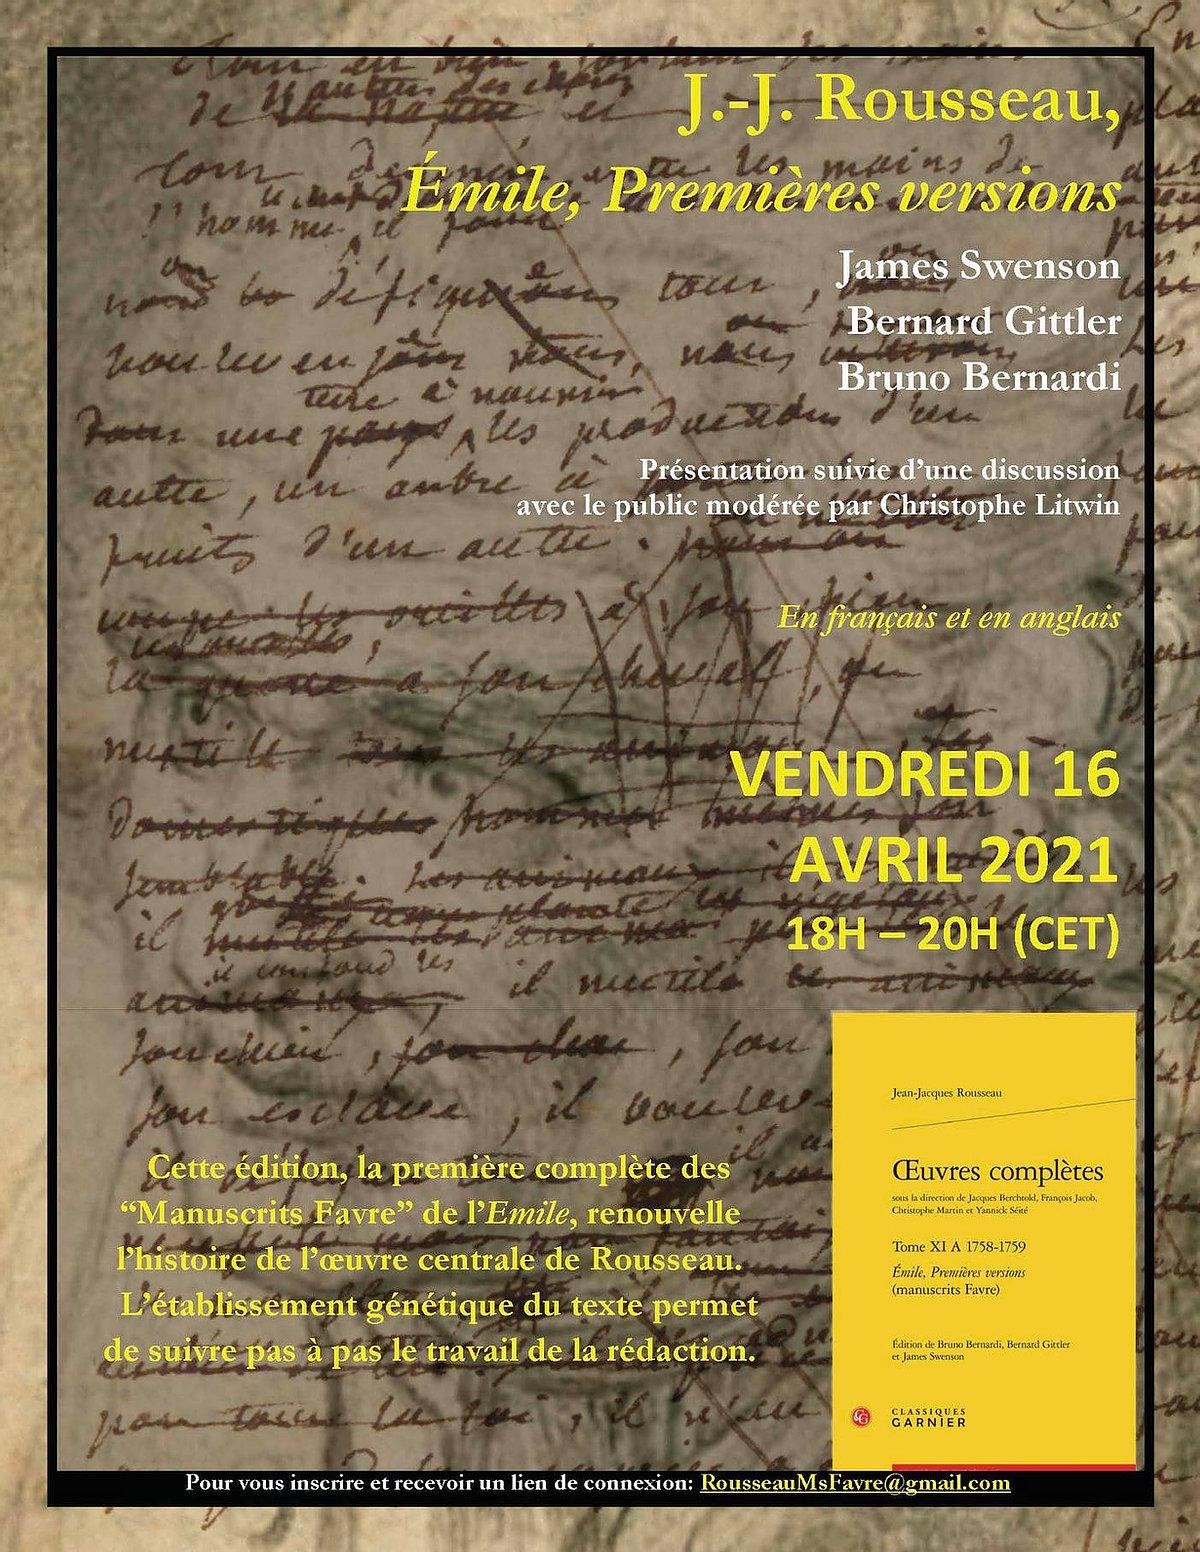 Émile, premières versions (Société J.-J. Rousseau, en ligne)